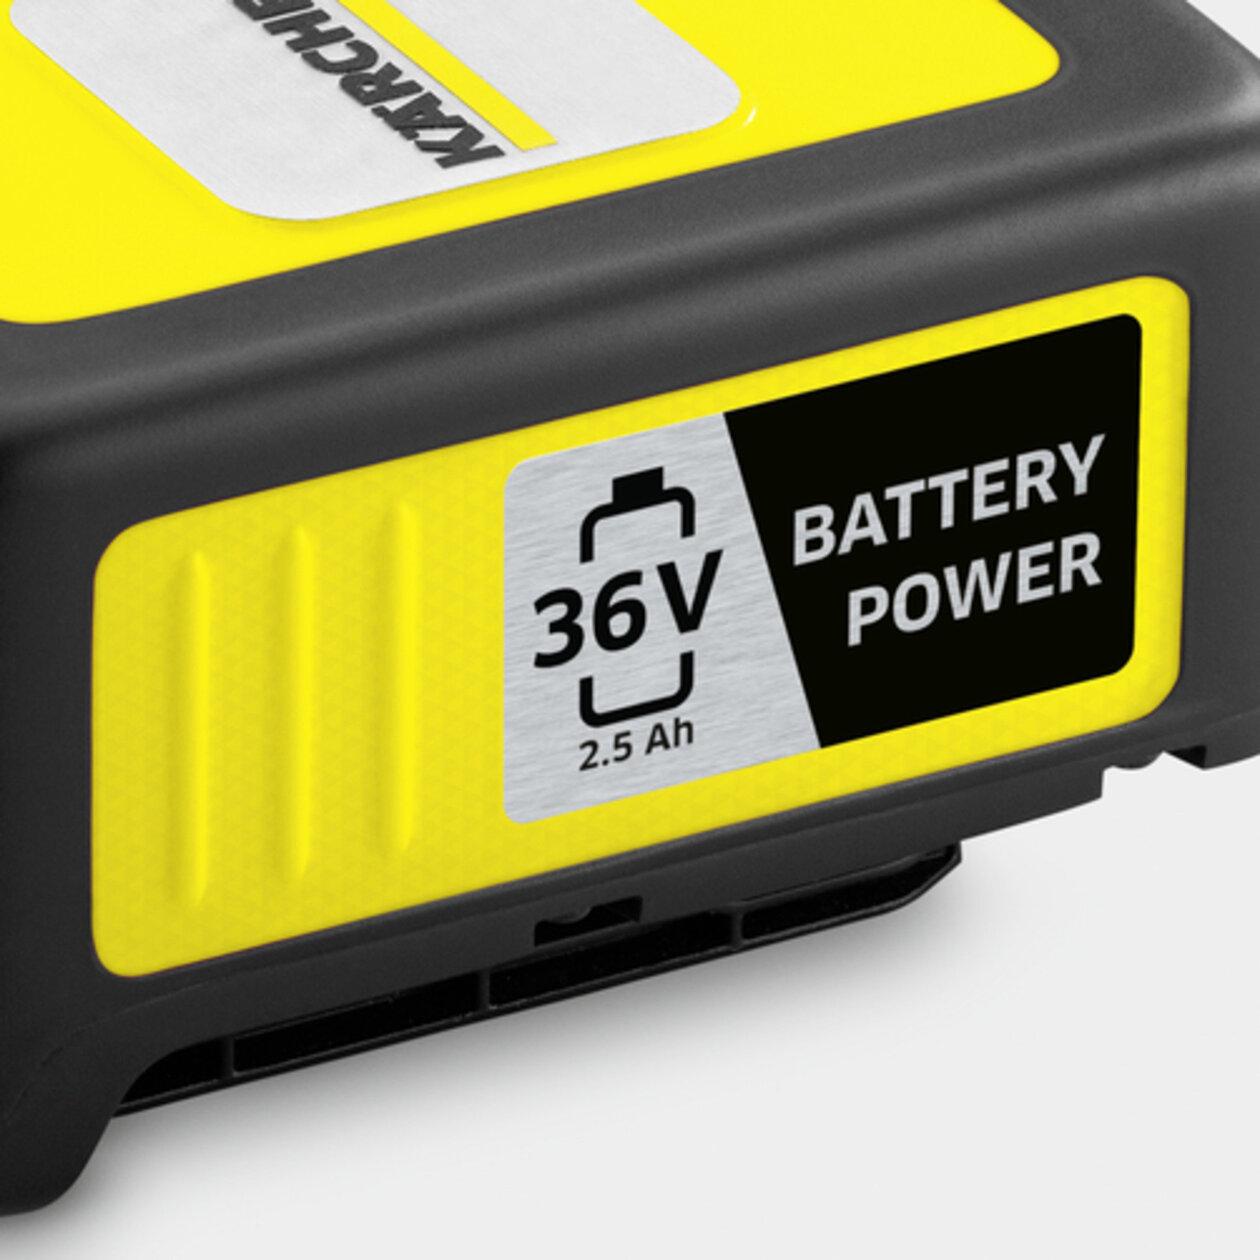 Аккумулятор 36 В 2,5 A: Аккумуляторная платформа 36 V Battery Power